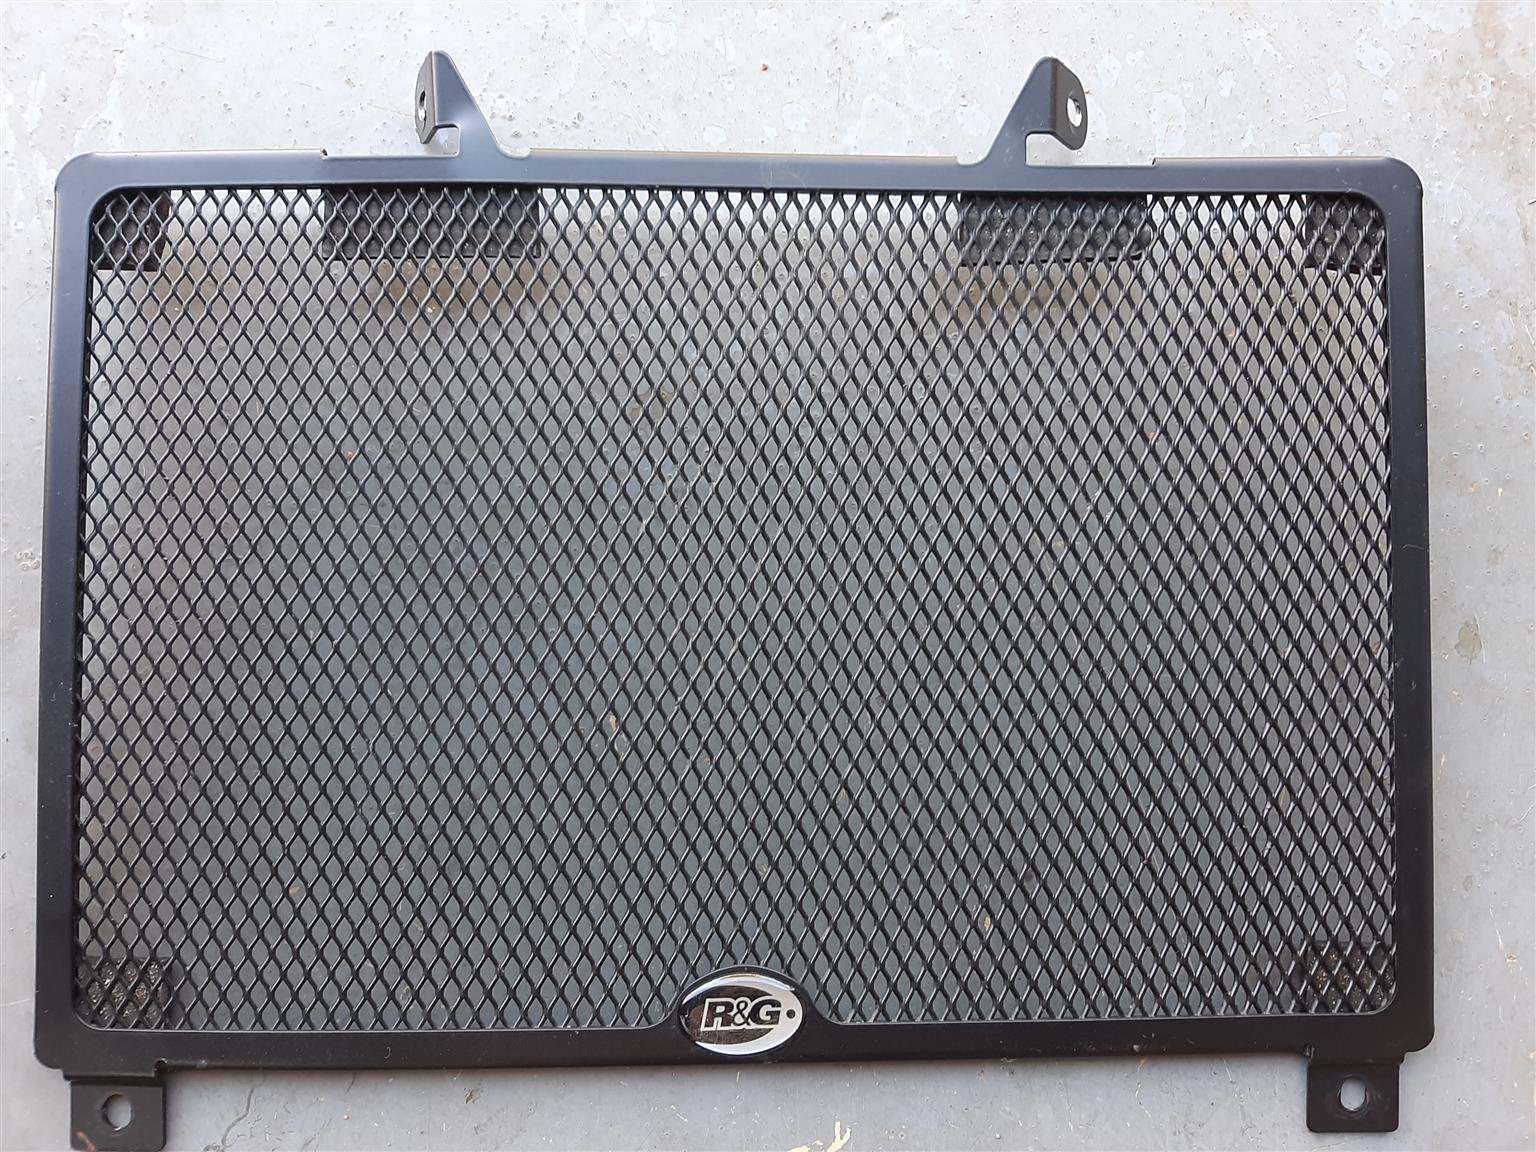 R&G radiator guard for Kawasaki Z900